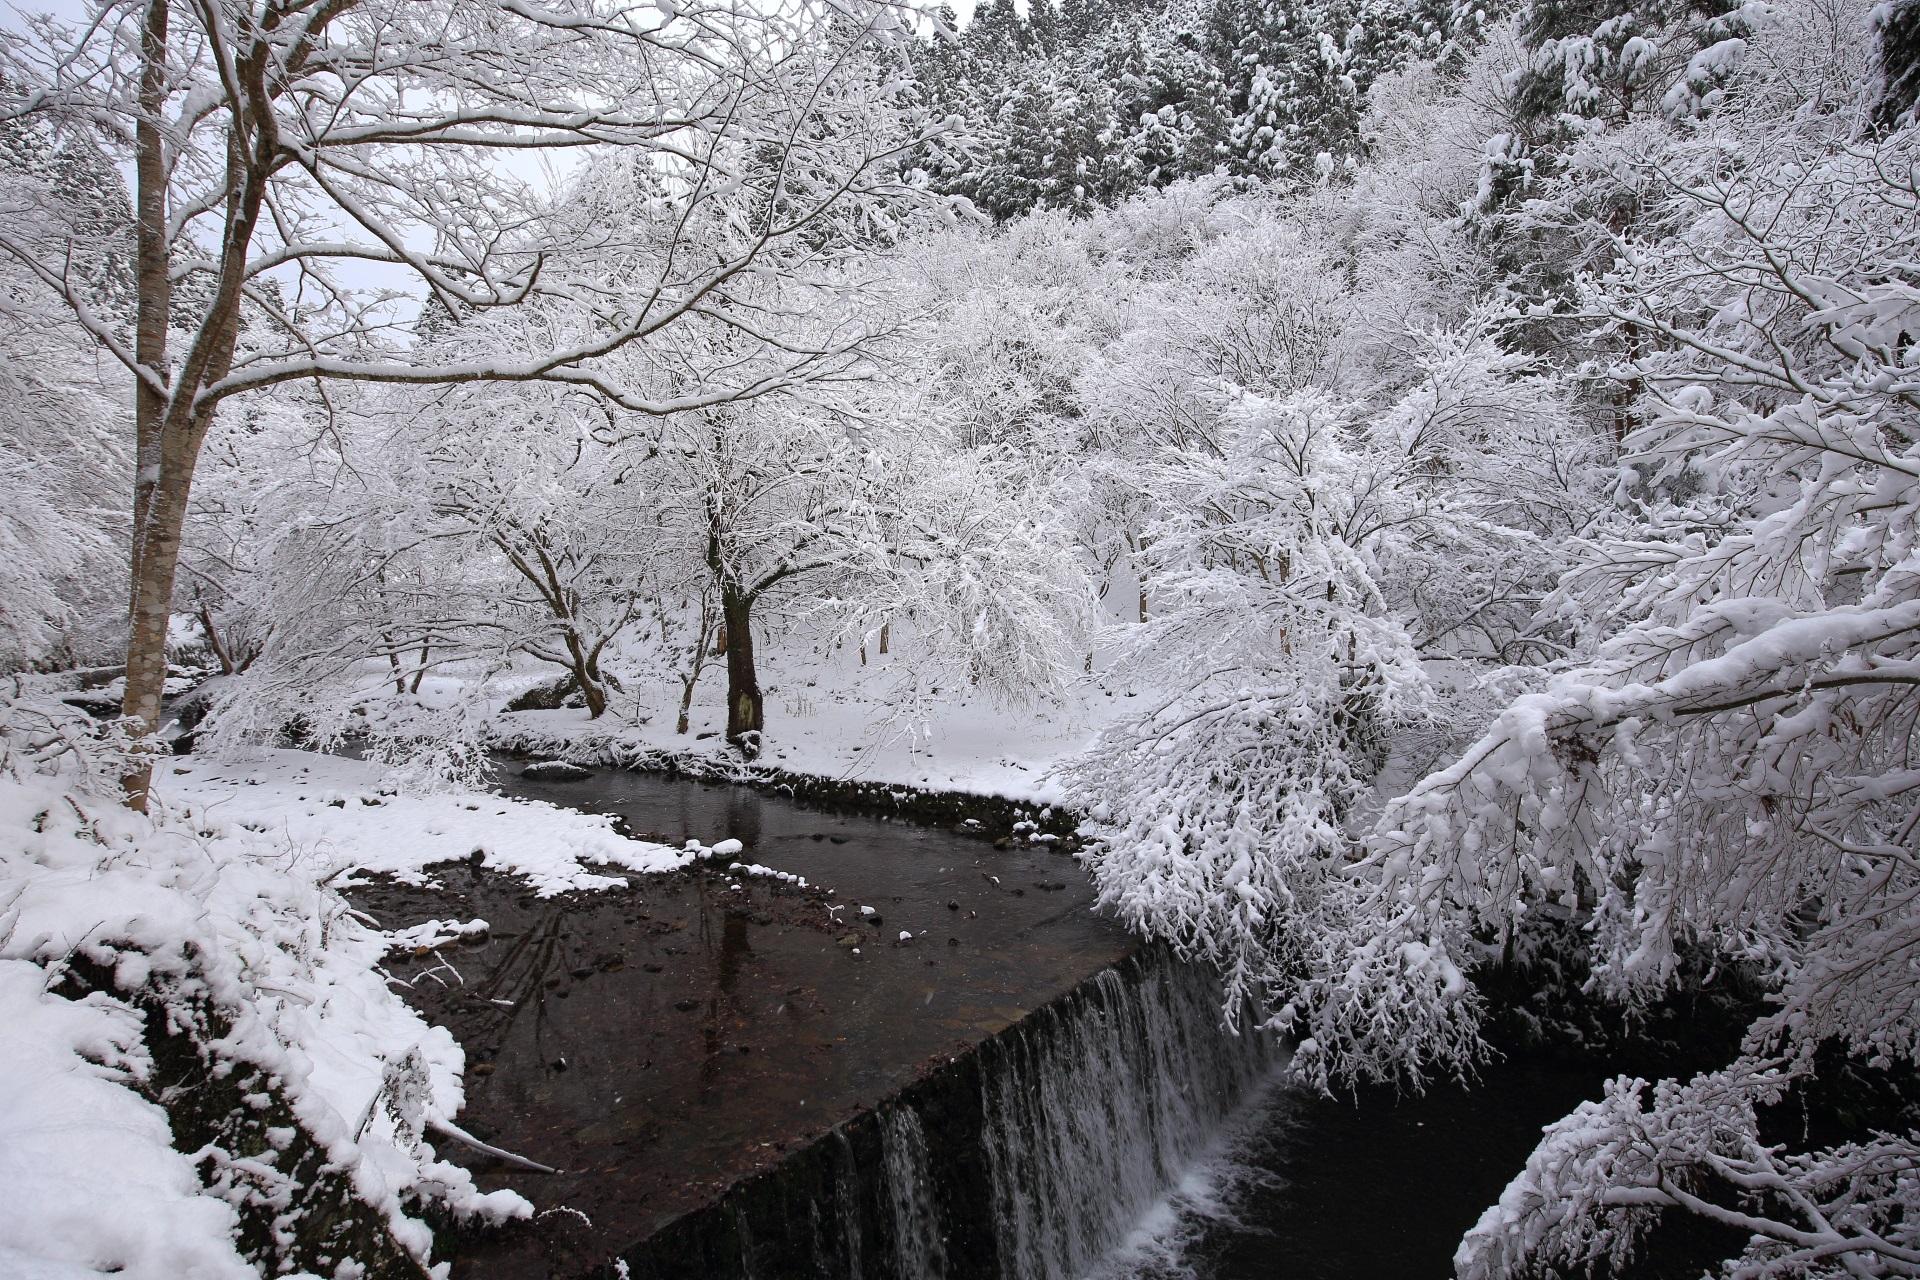 流れ落ちる滝を彩る雪の花